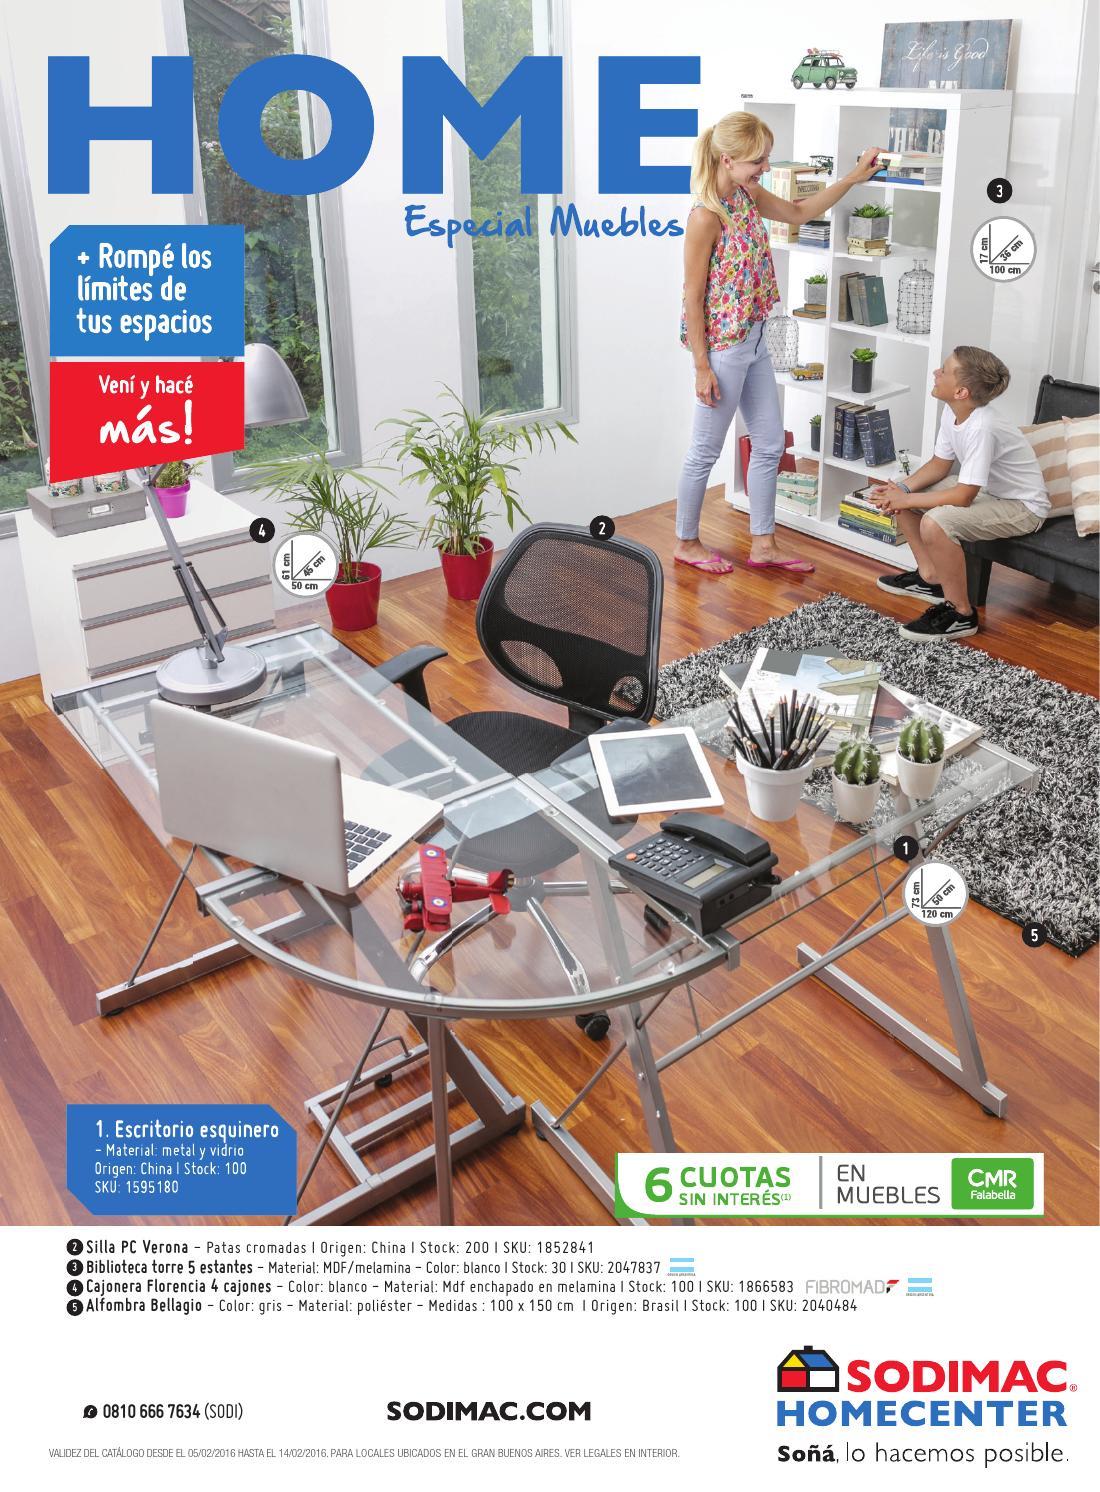 Sodimac Homecenter - Catálogo Febrero 2016 by Sodimac - issuu